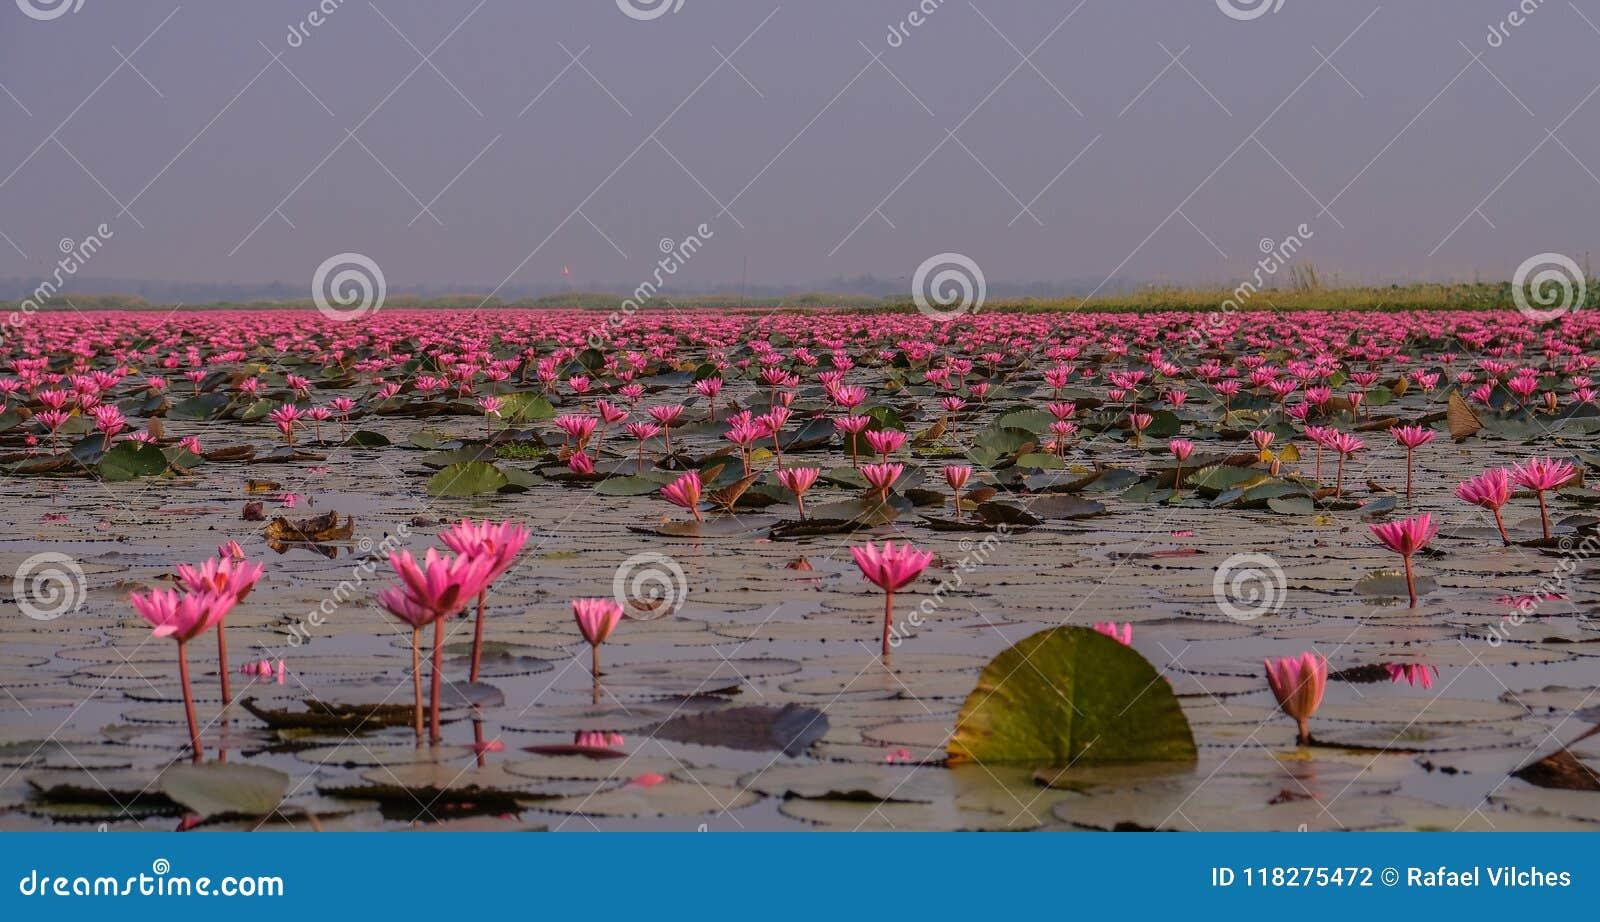 Mar de lotos rojos en Tailandia